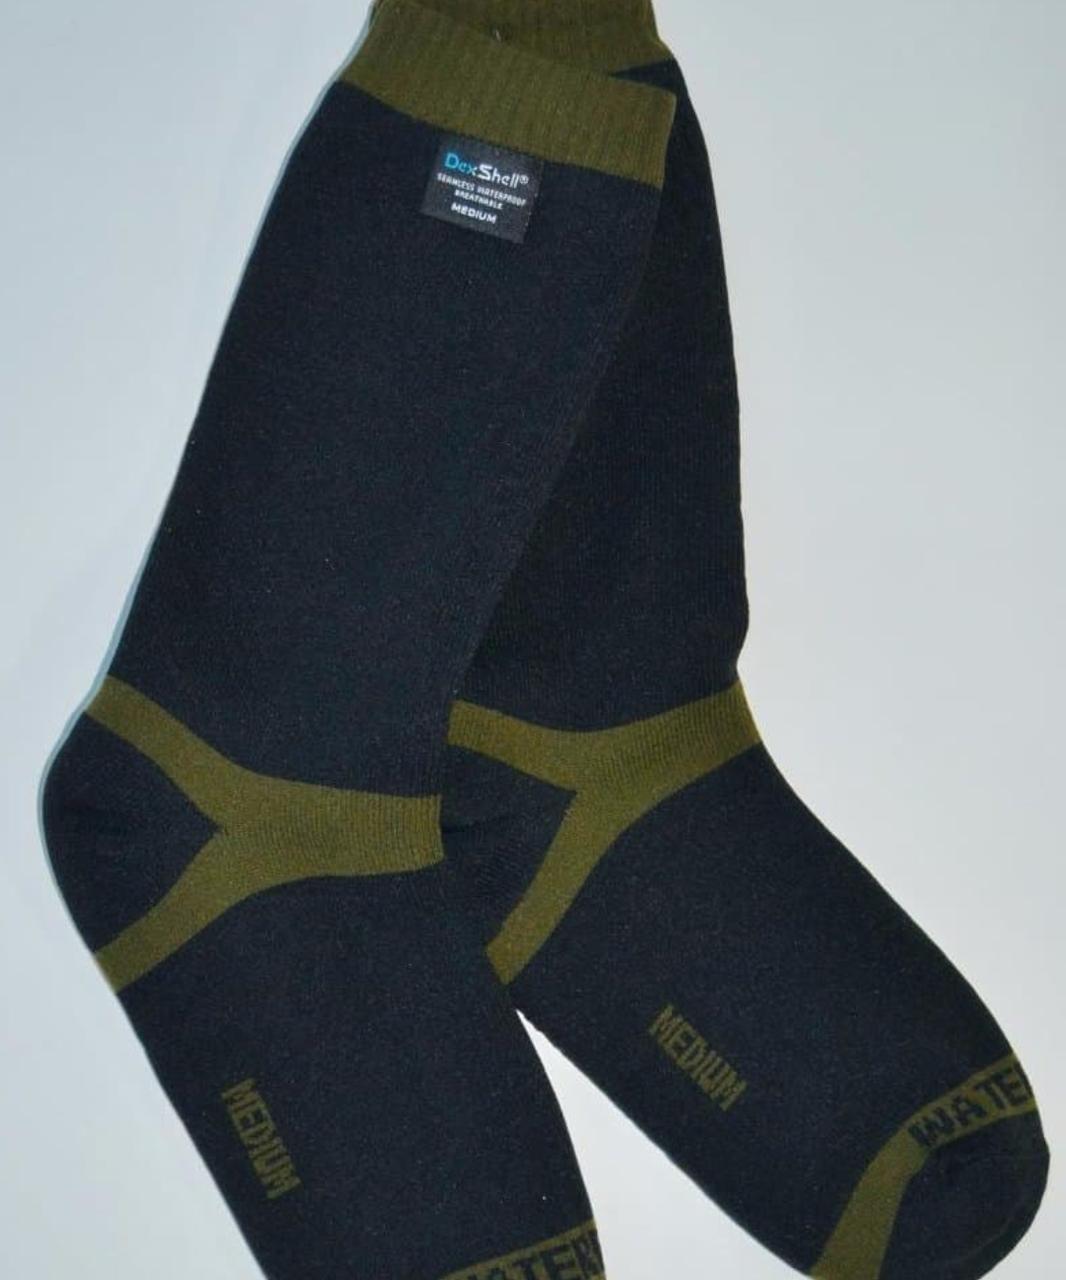 Водонепроницаемые носки Dexshell Trekking Green DS636 мембрана Porelle® (40% меринос) размер S